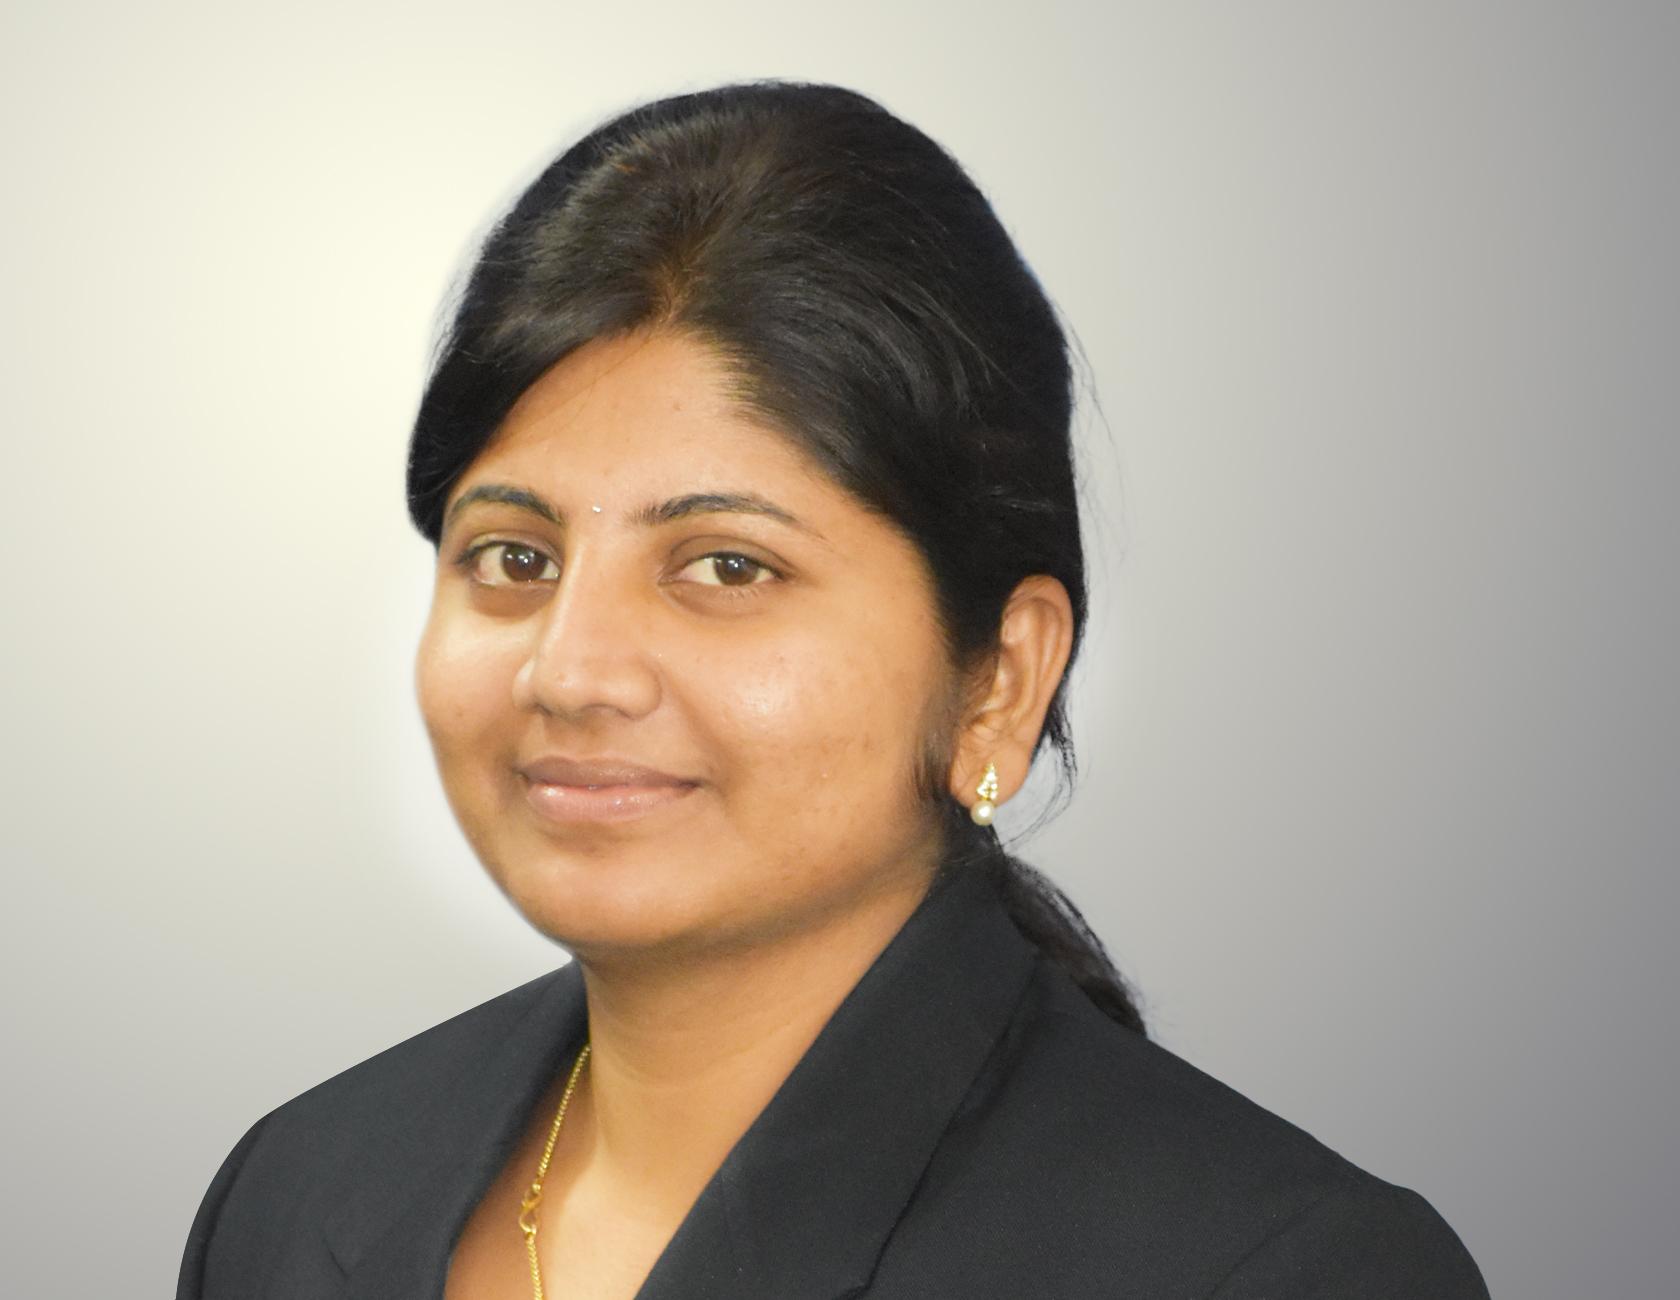 Anusha Amanaganti